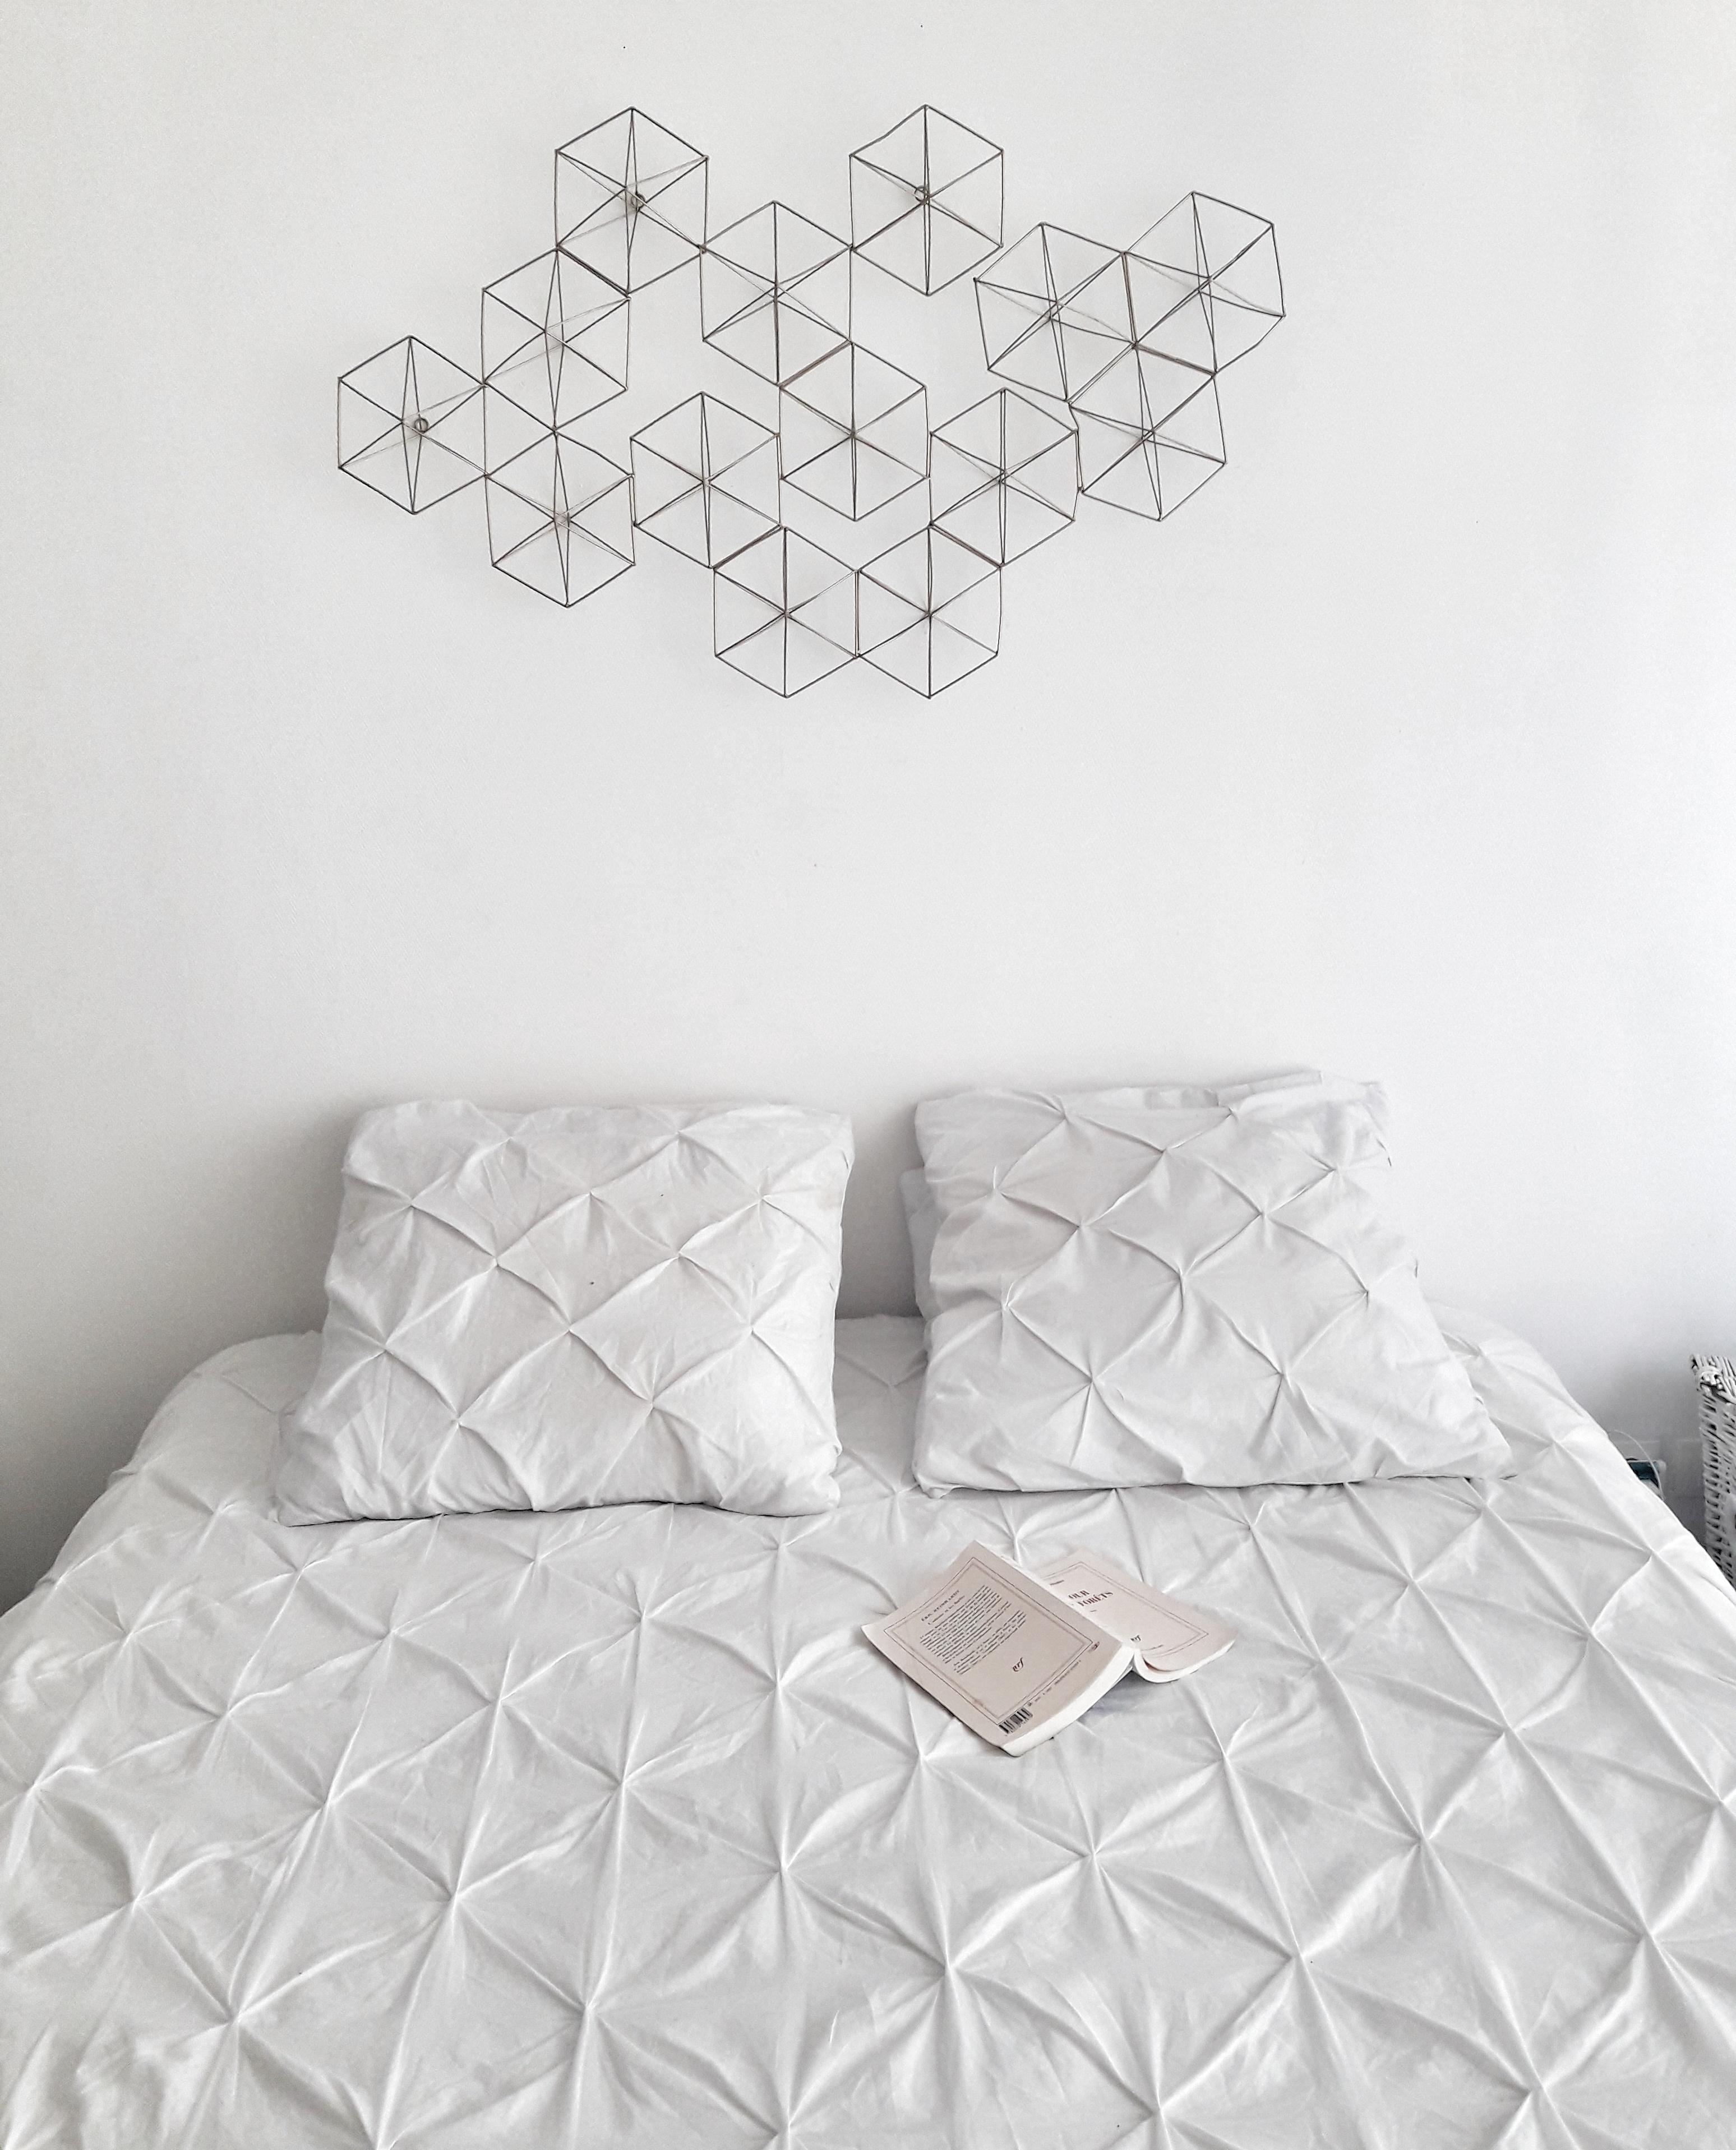 Je voulais quelque chose de simple. les draps sont blancs j'ai trouvé du linge de lit géométrique se mariaent parfaitement avec une décoration murale or que j'avais chiné chez maison du monde. On ne voit pas mais le lustre est dans le même thème. J'ai choisi un lit sans tête de lit et surtout avec des rangements, ultra utile (6 tiroirs!)